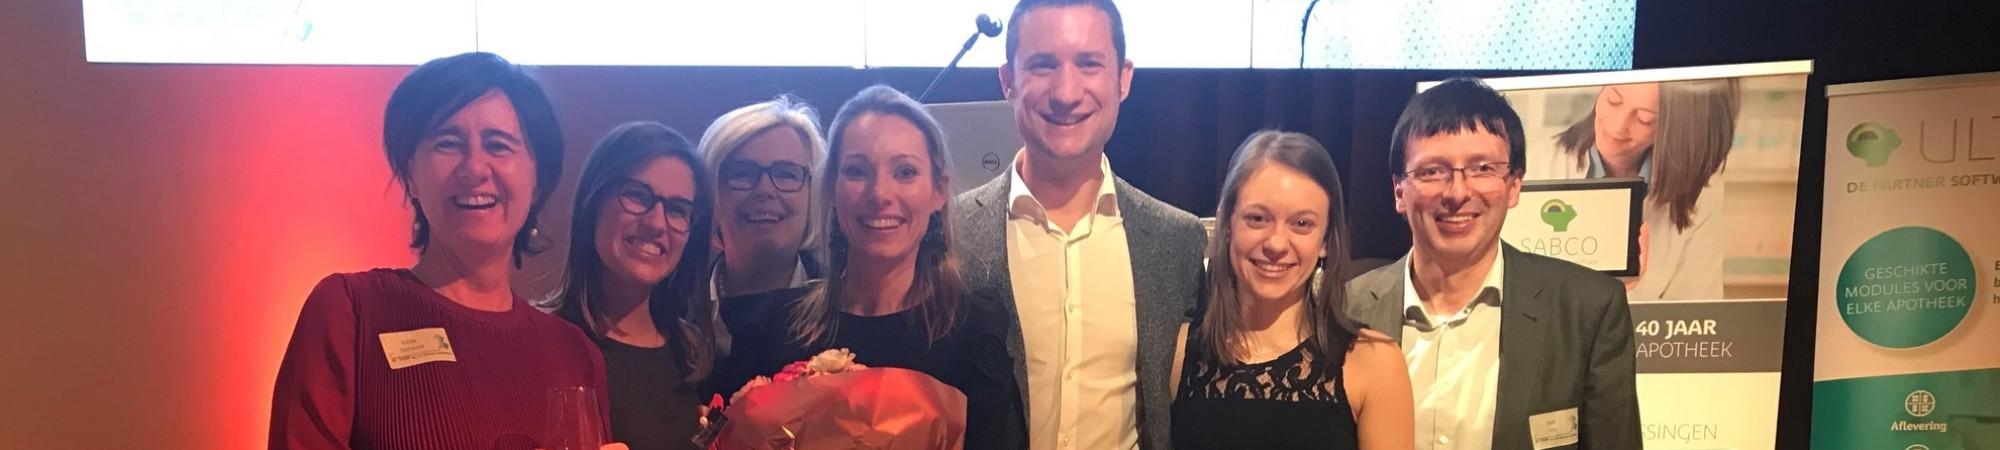 Apotheek Loksbergen beste Huisapotheker van Vlaanderen